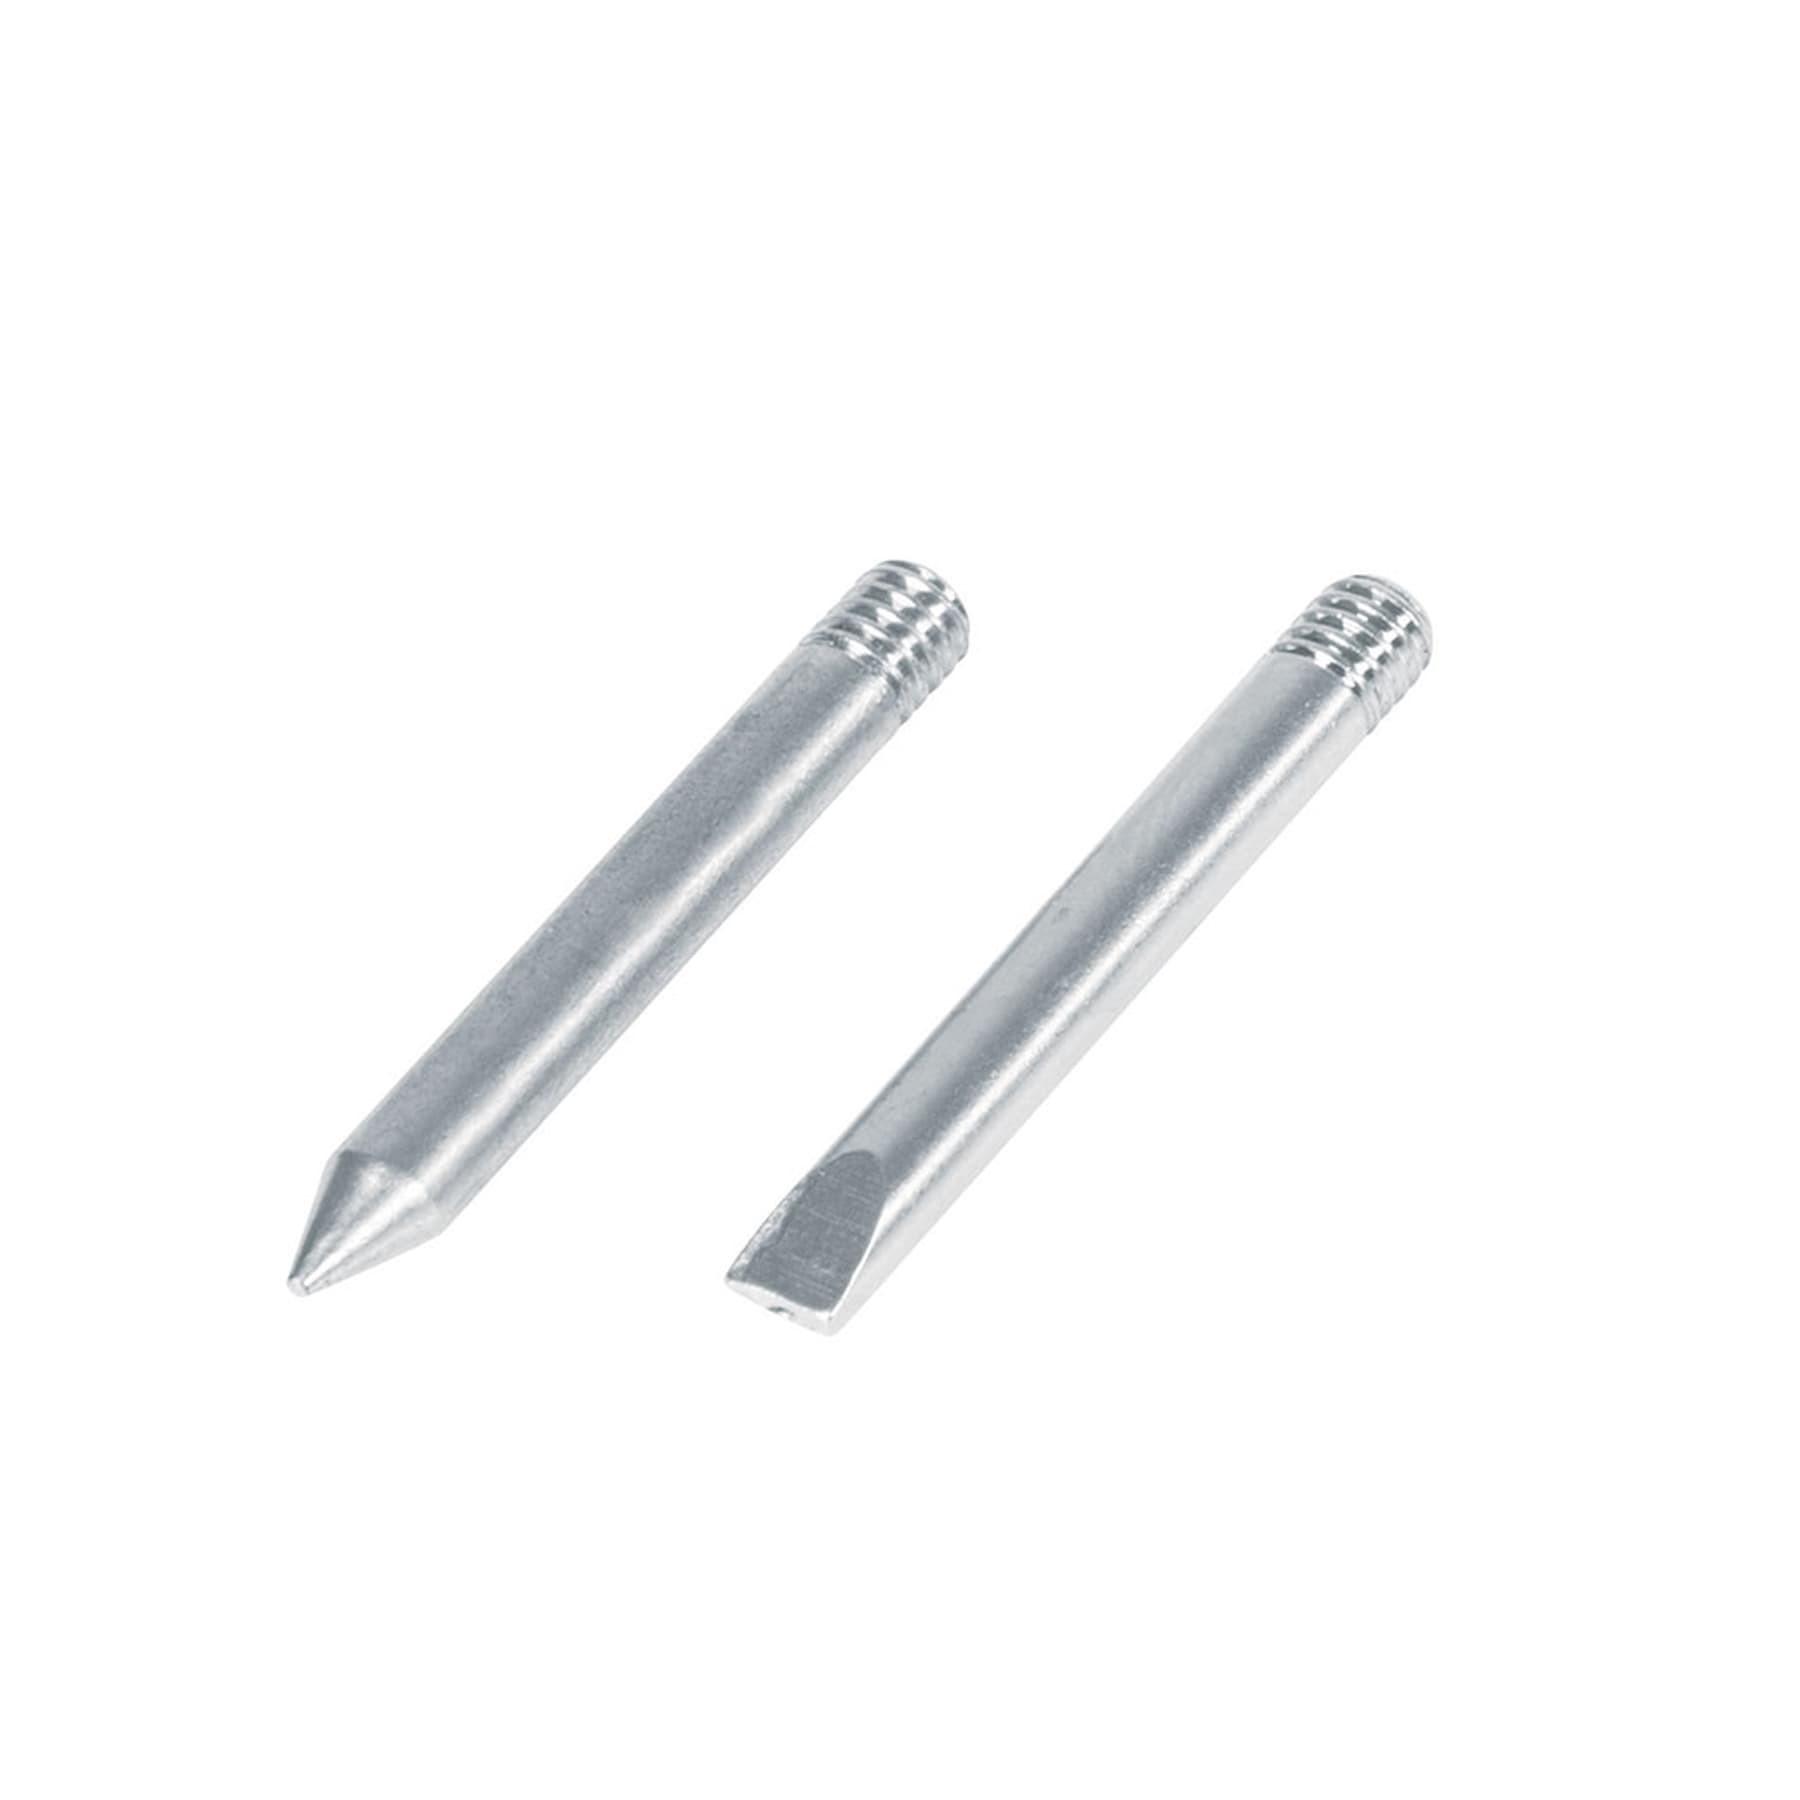 Puntas de repuesto para cautín tipo lápiz CAU-30, 2 piezas